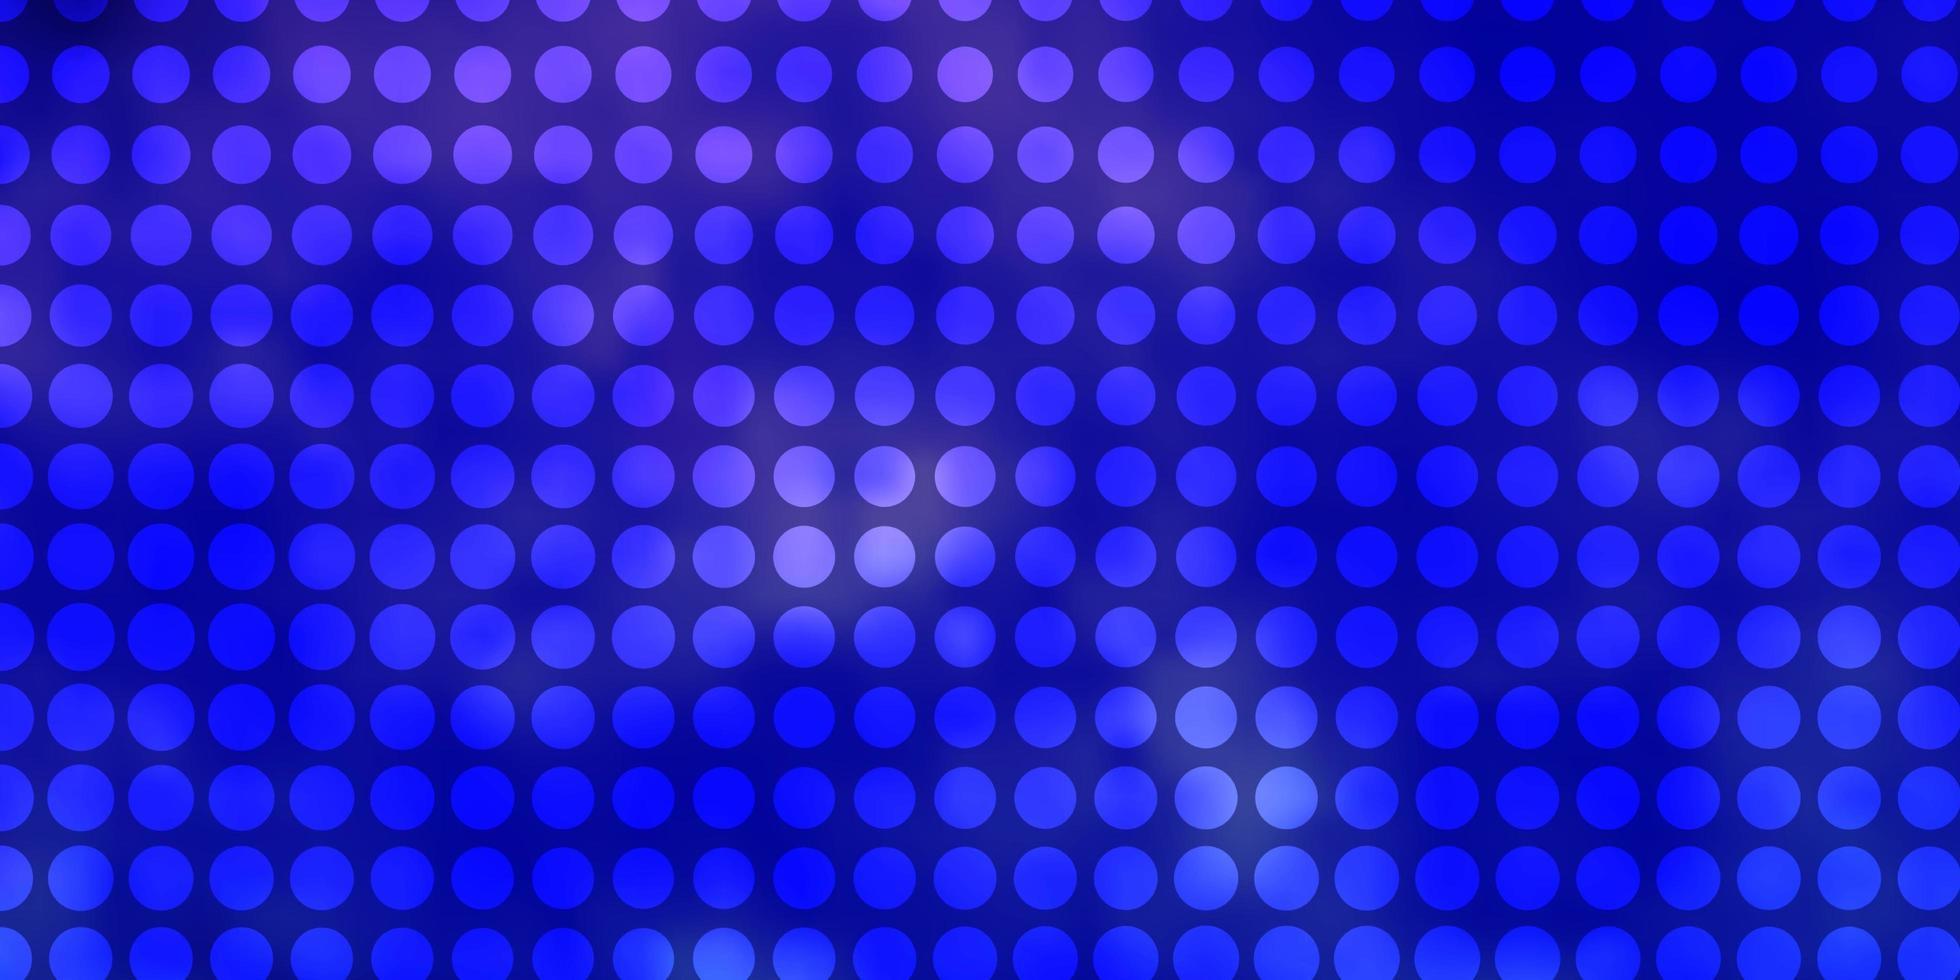 ljuslila vektor mönster med cirklar.